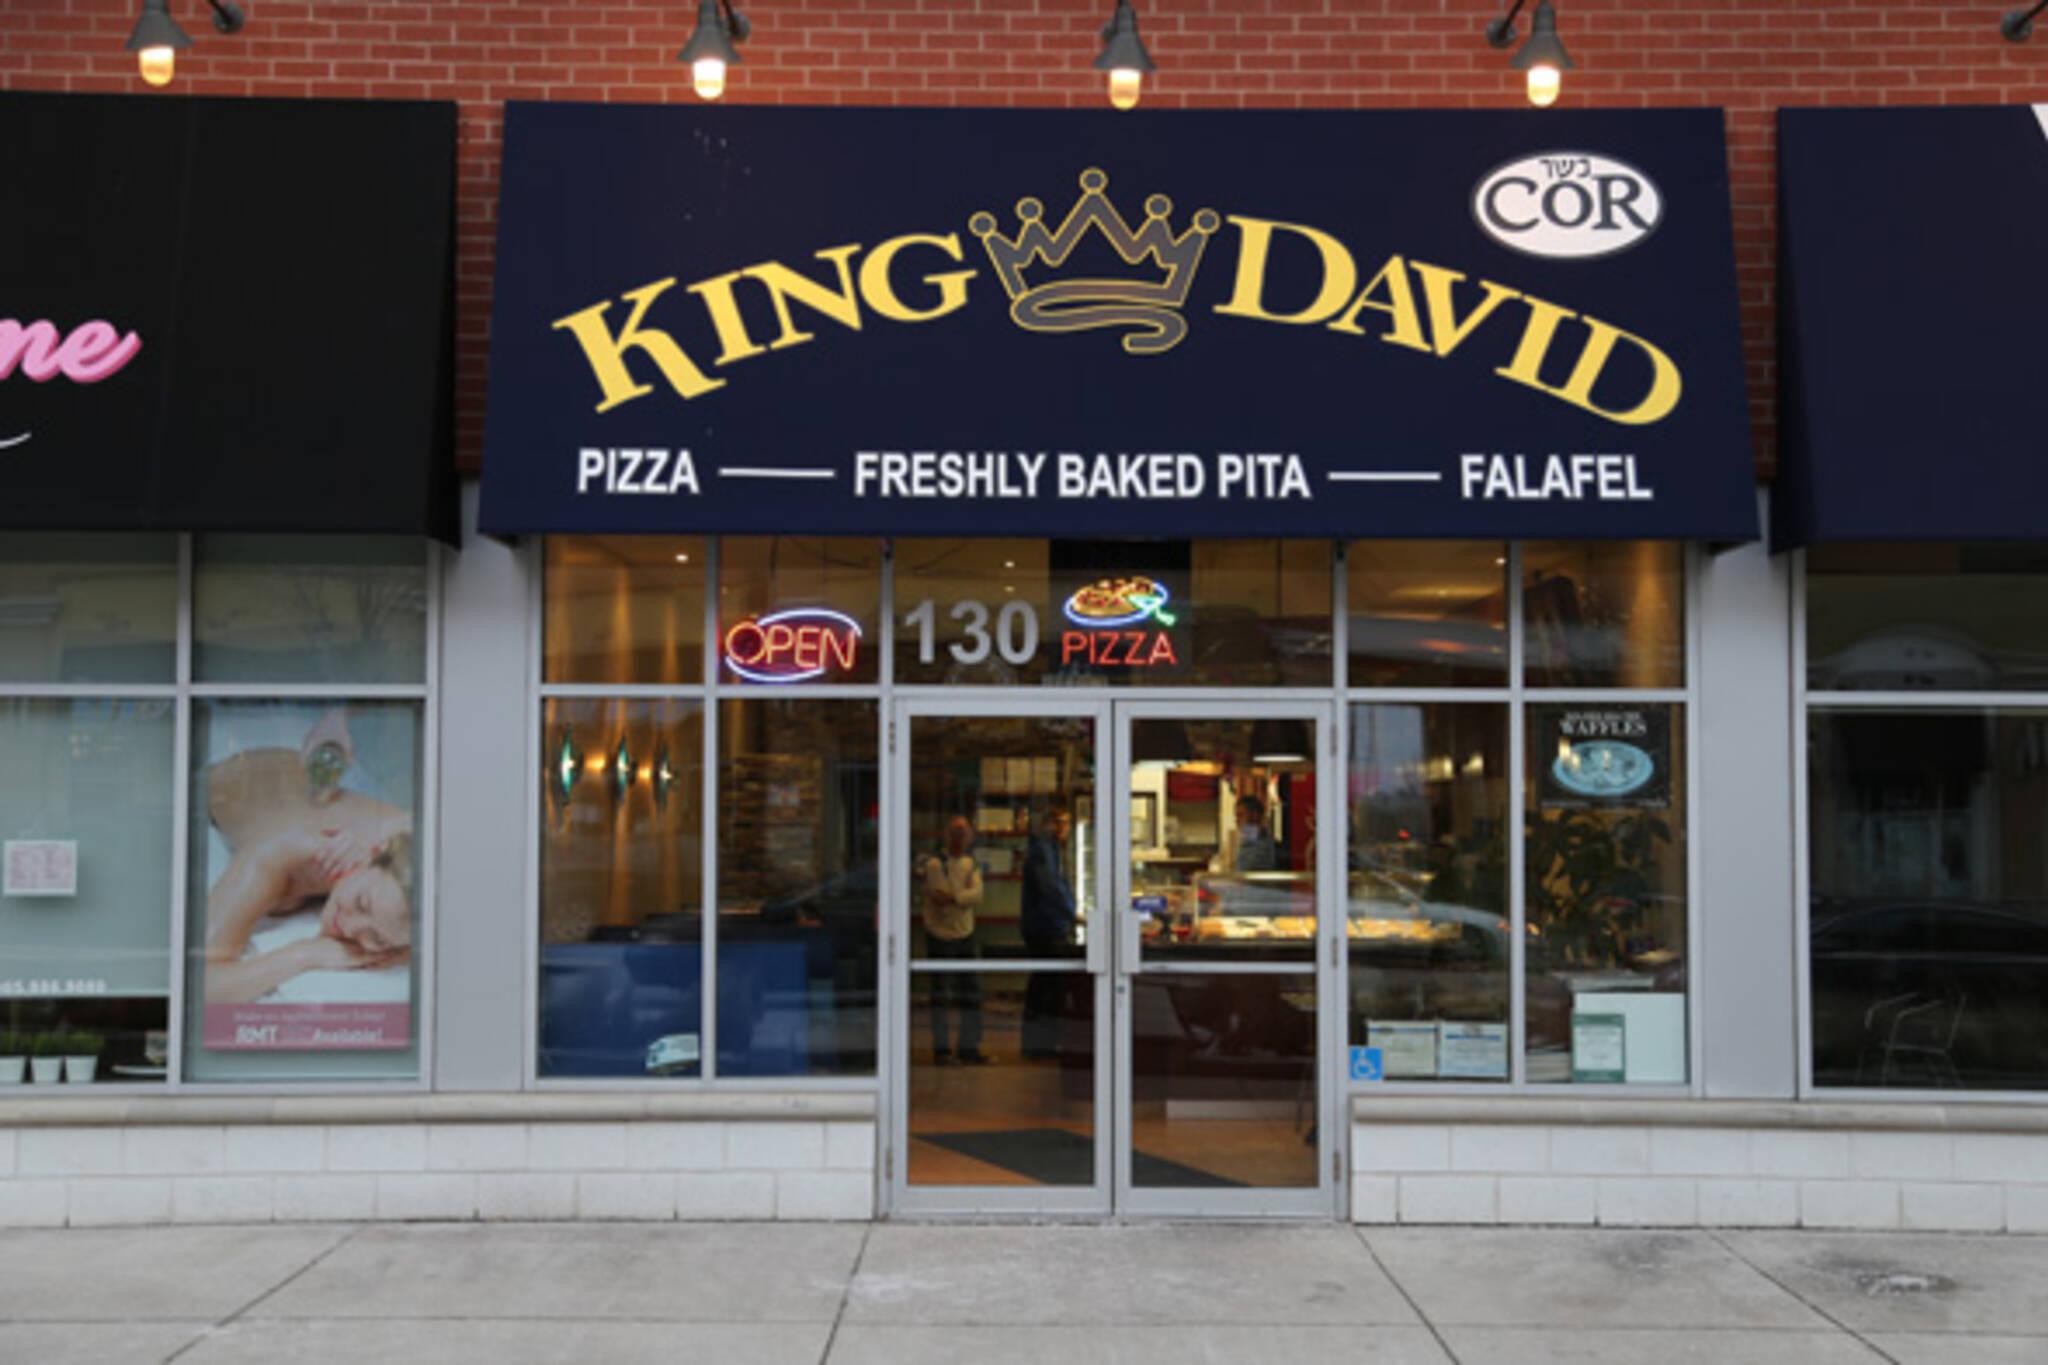 King David Toronto